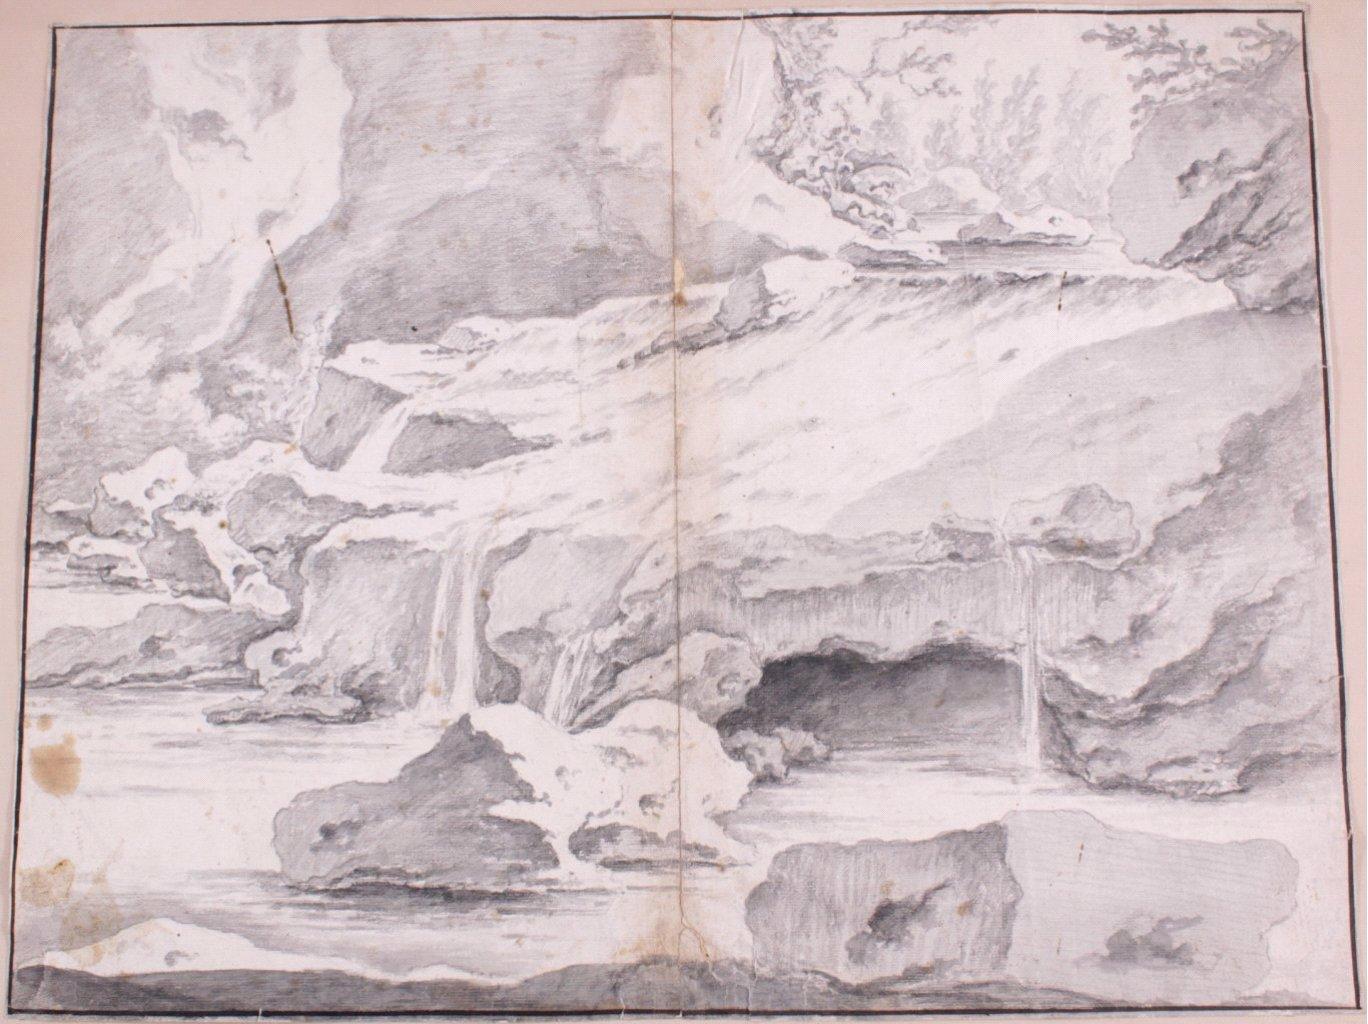 Studie Zeichnung wohl 17. Jh.